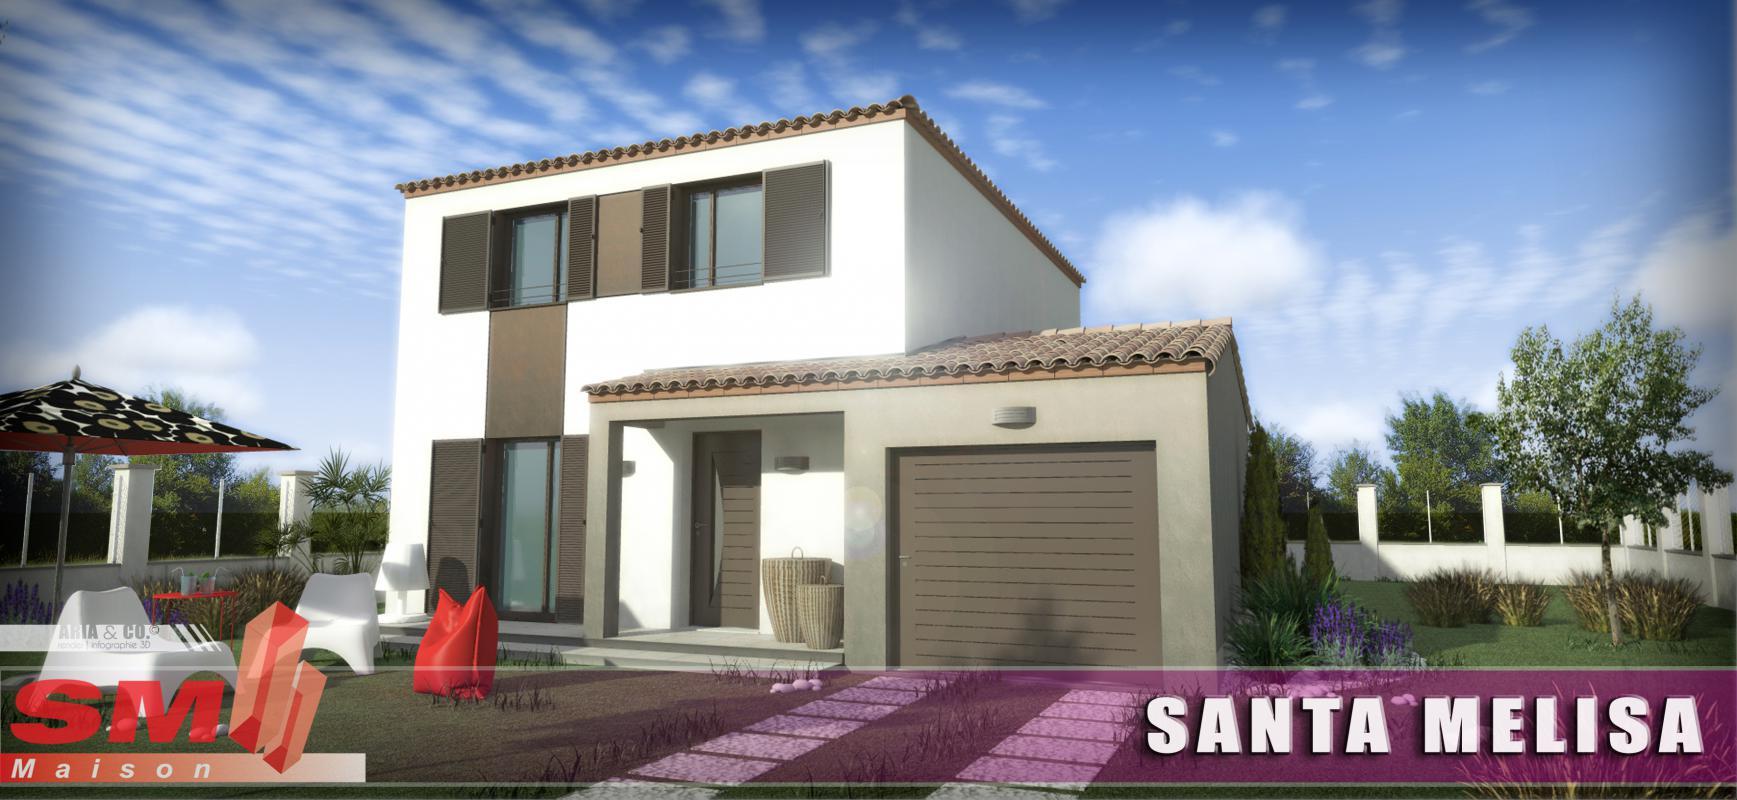 Maisons + Terrains du constructeur SM MAISON • 110 m² • PERPIGNAN